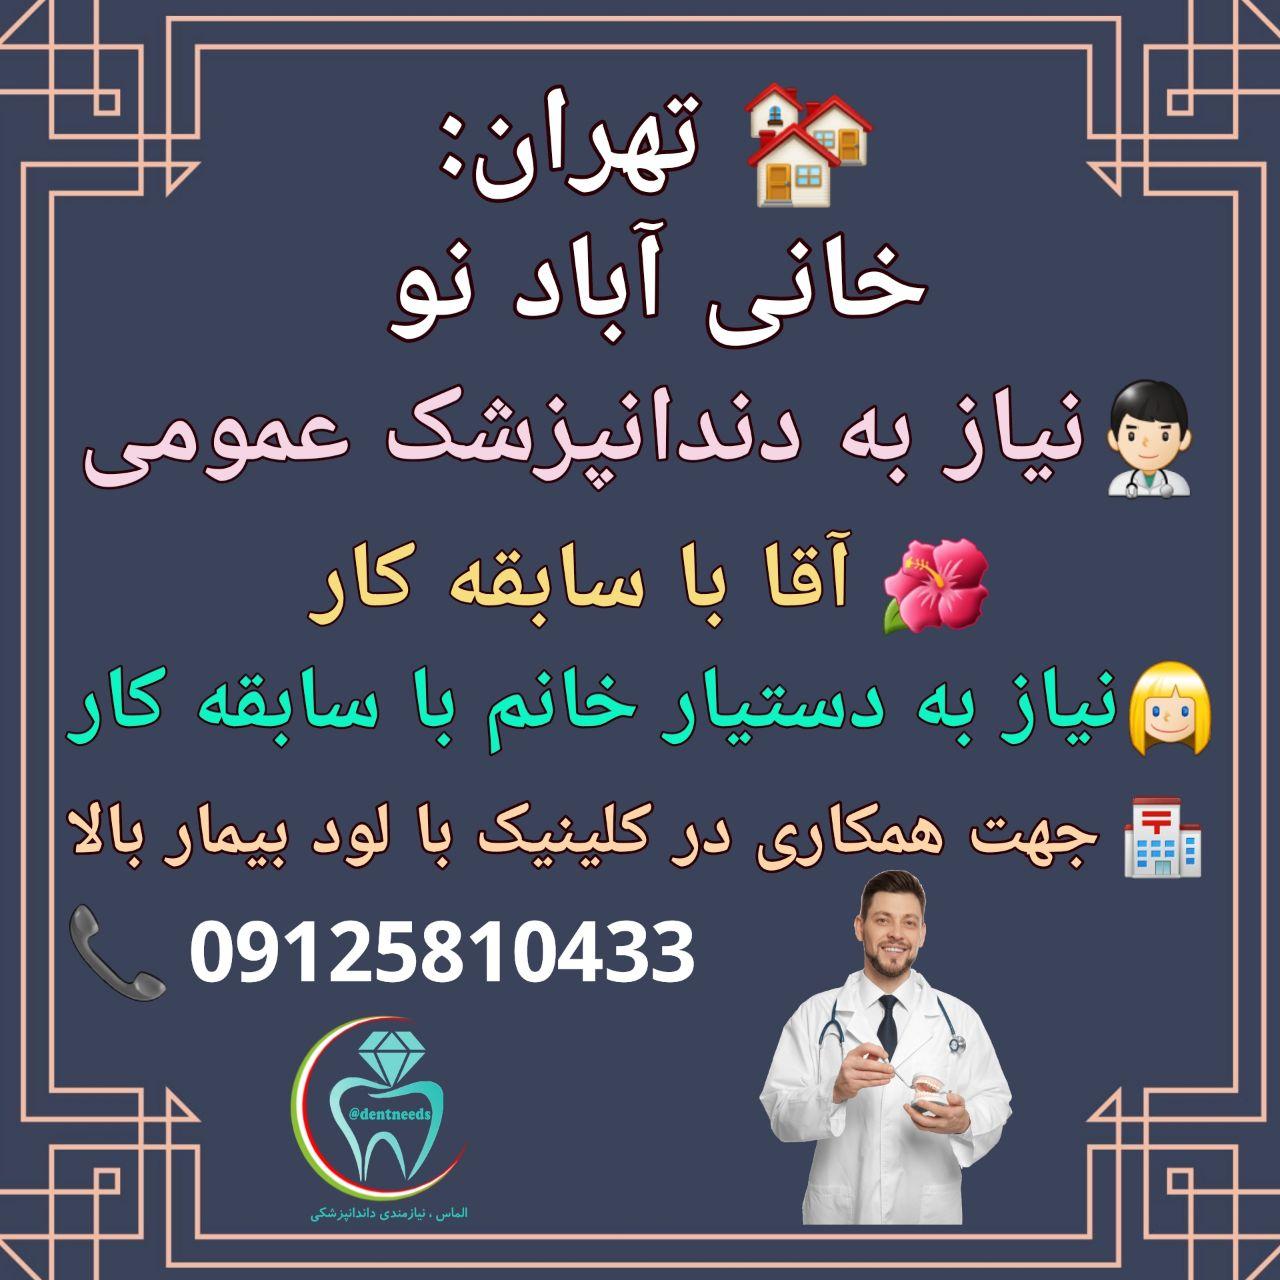 تهران: خانی آباد نو، نیاز به دندانپزشک عمومی، دستیار خانم